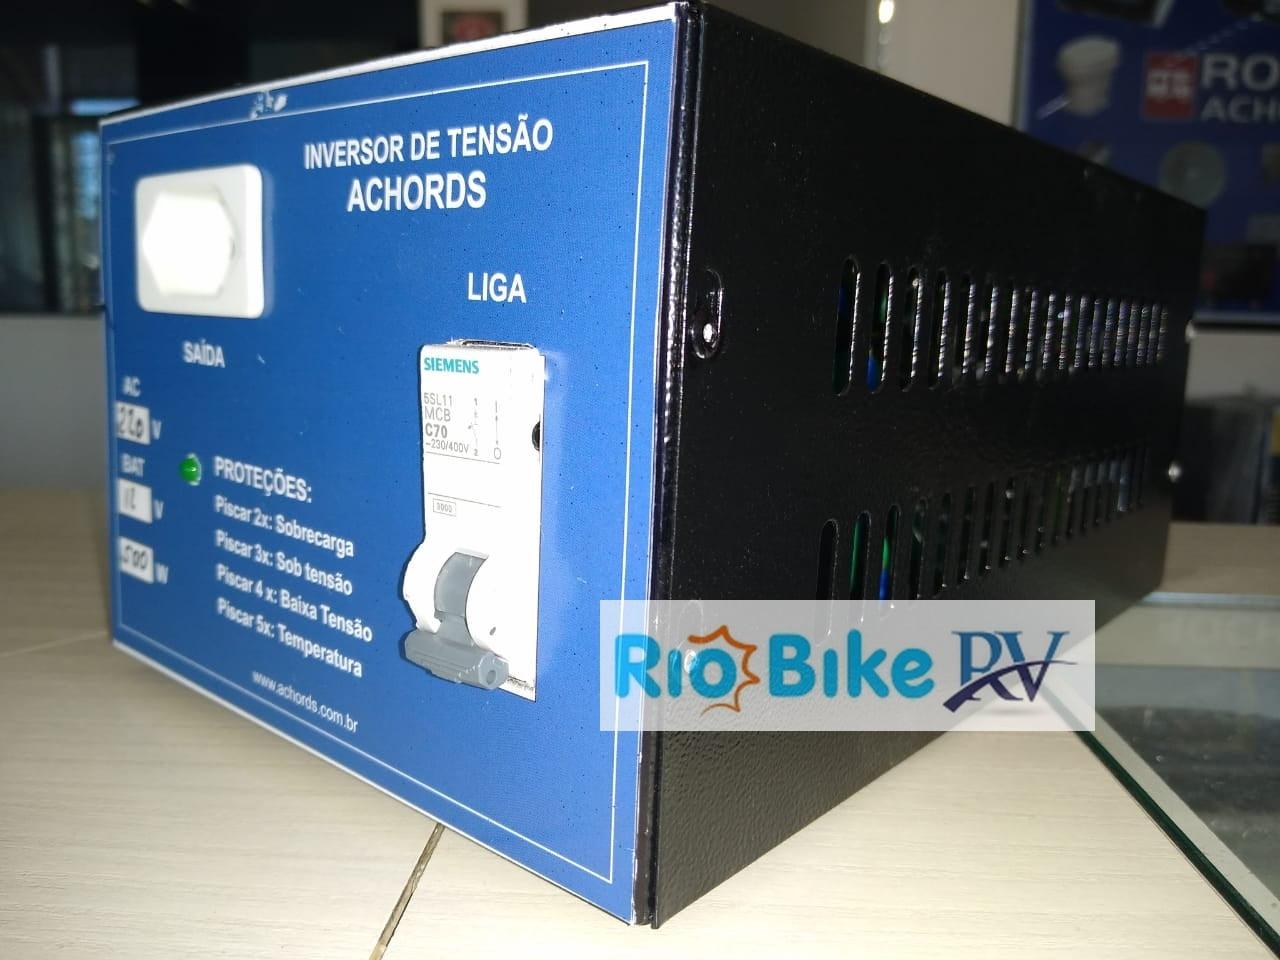 Inversor 12v - 500W para Geladeira, TV - ACHORDS